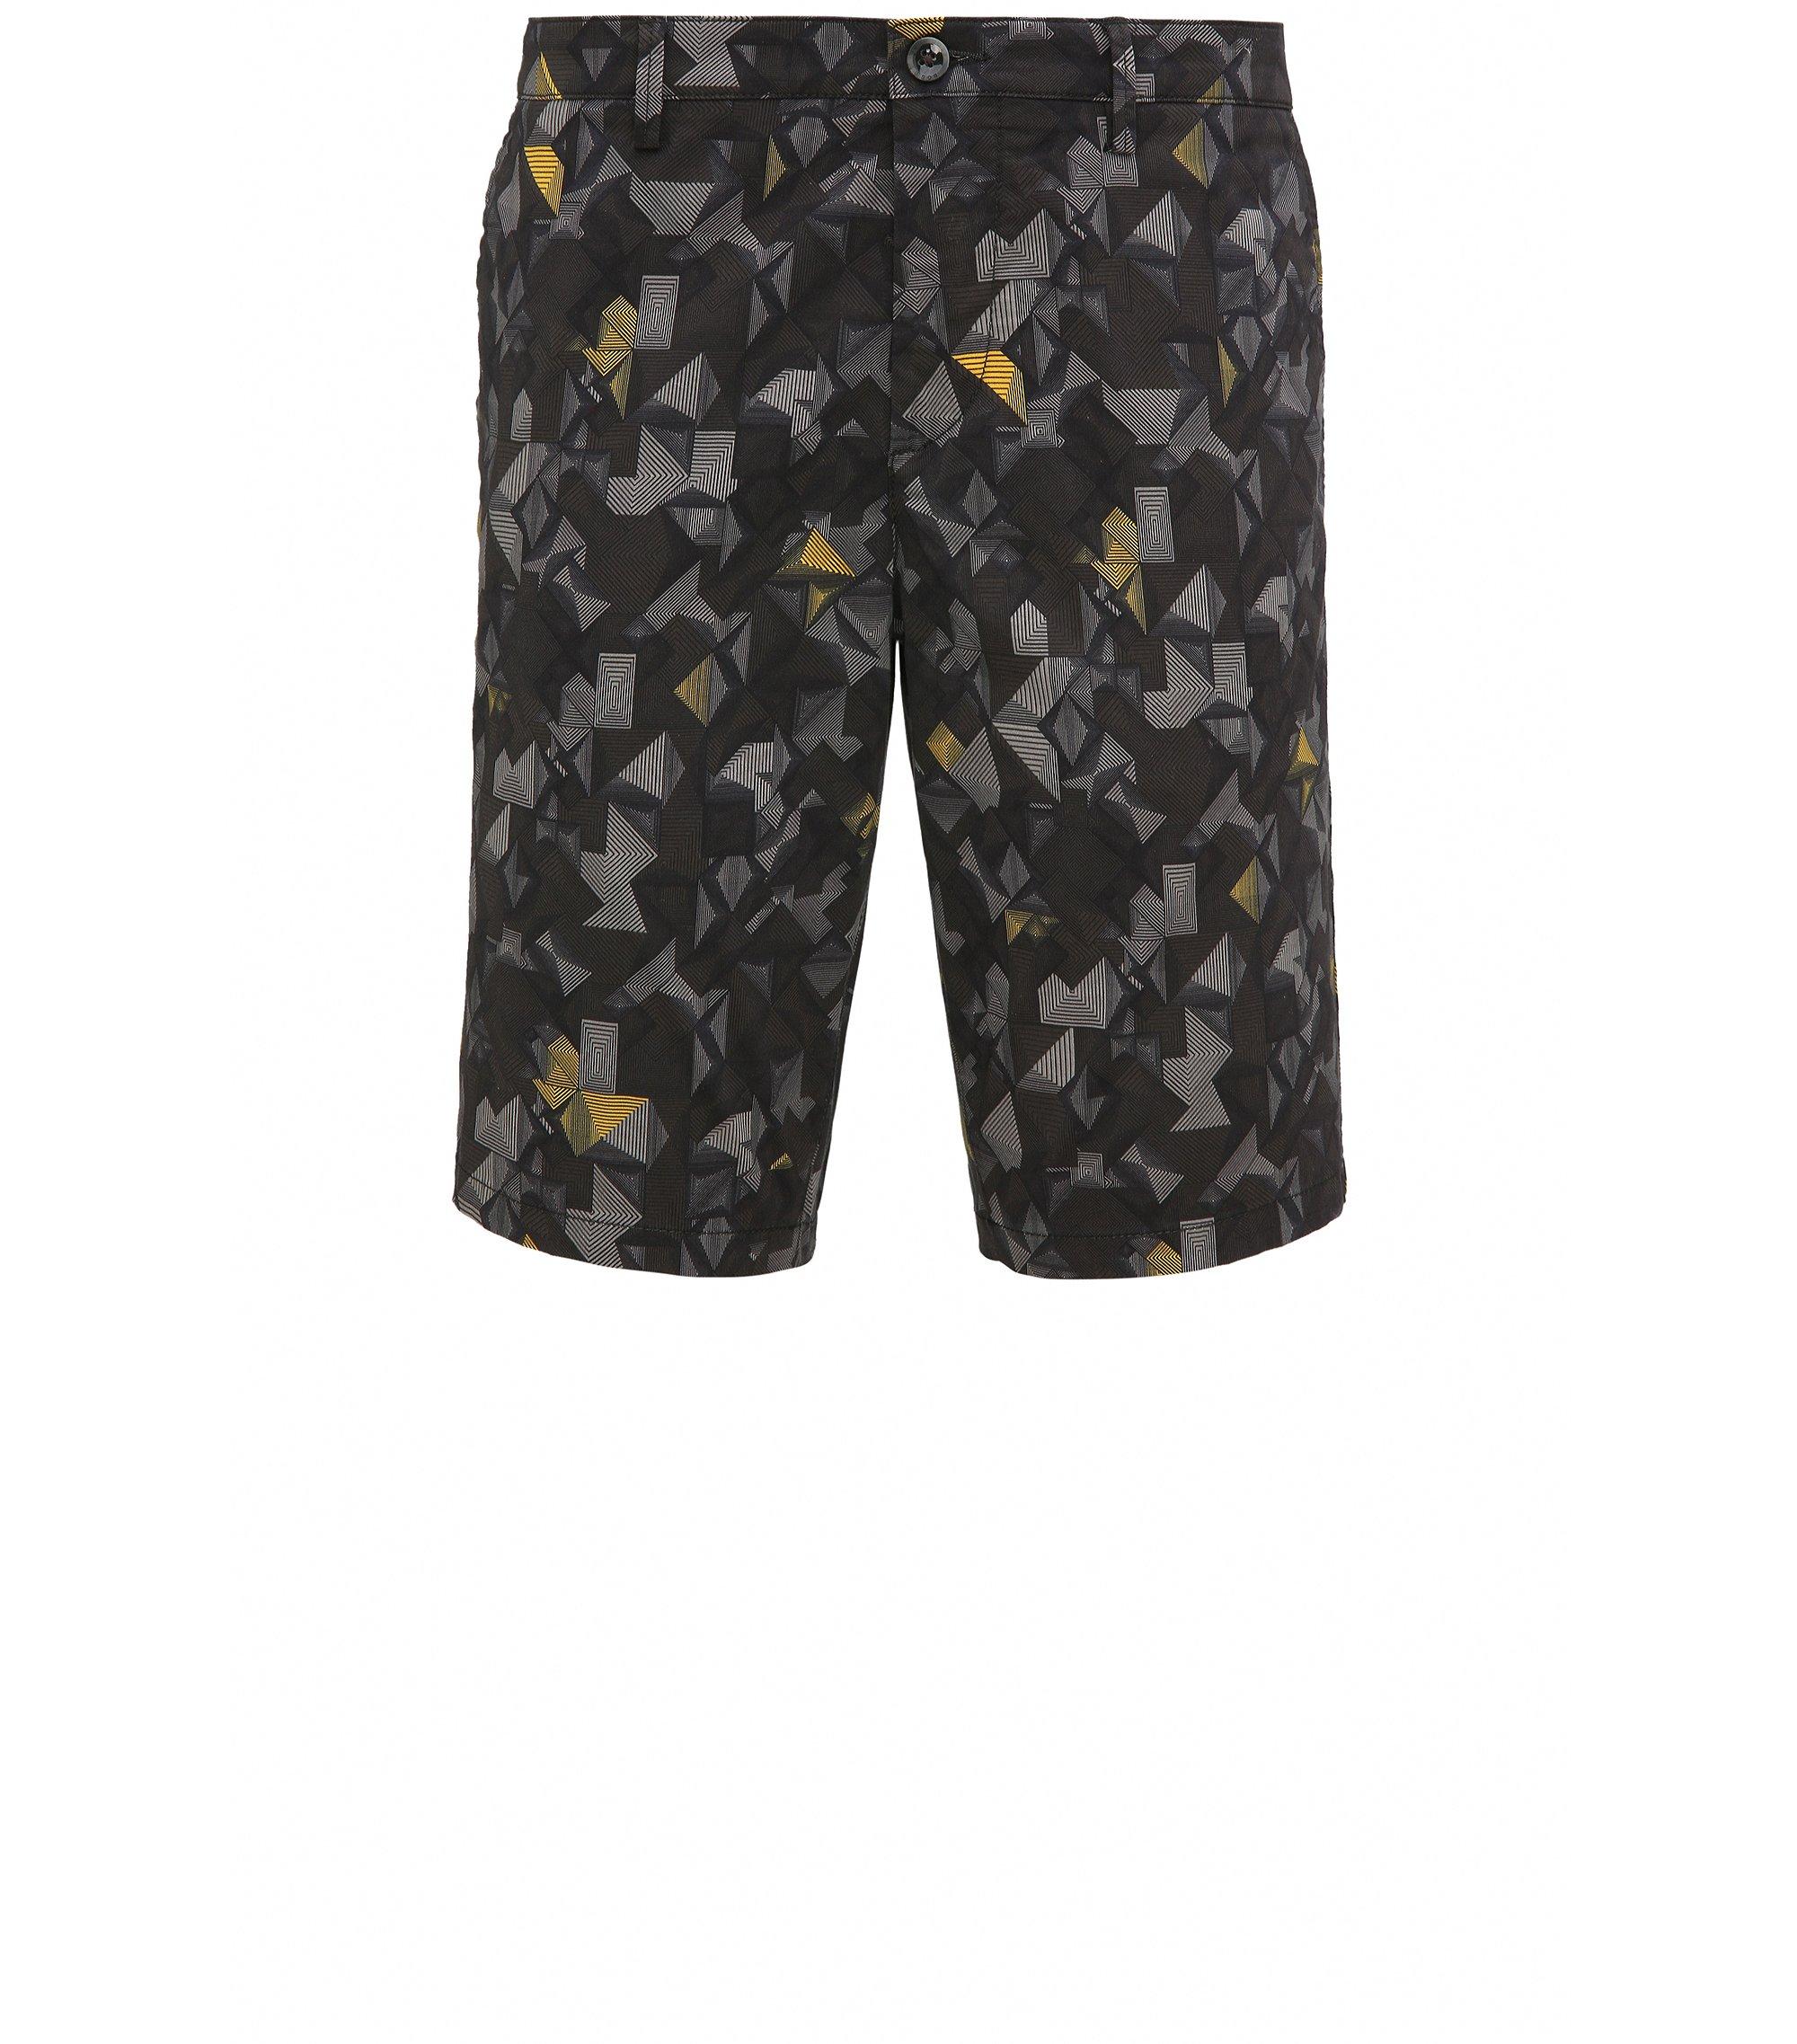 Pantaloncini corti slim fit in cotone elasticizzato stampato, Giallo